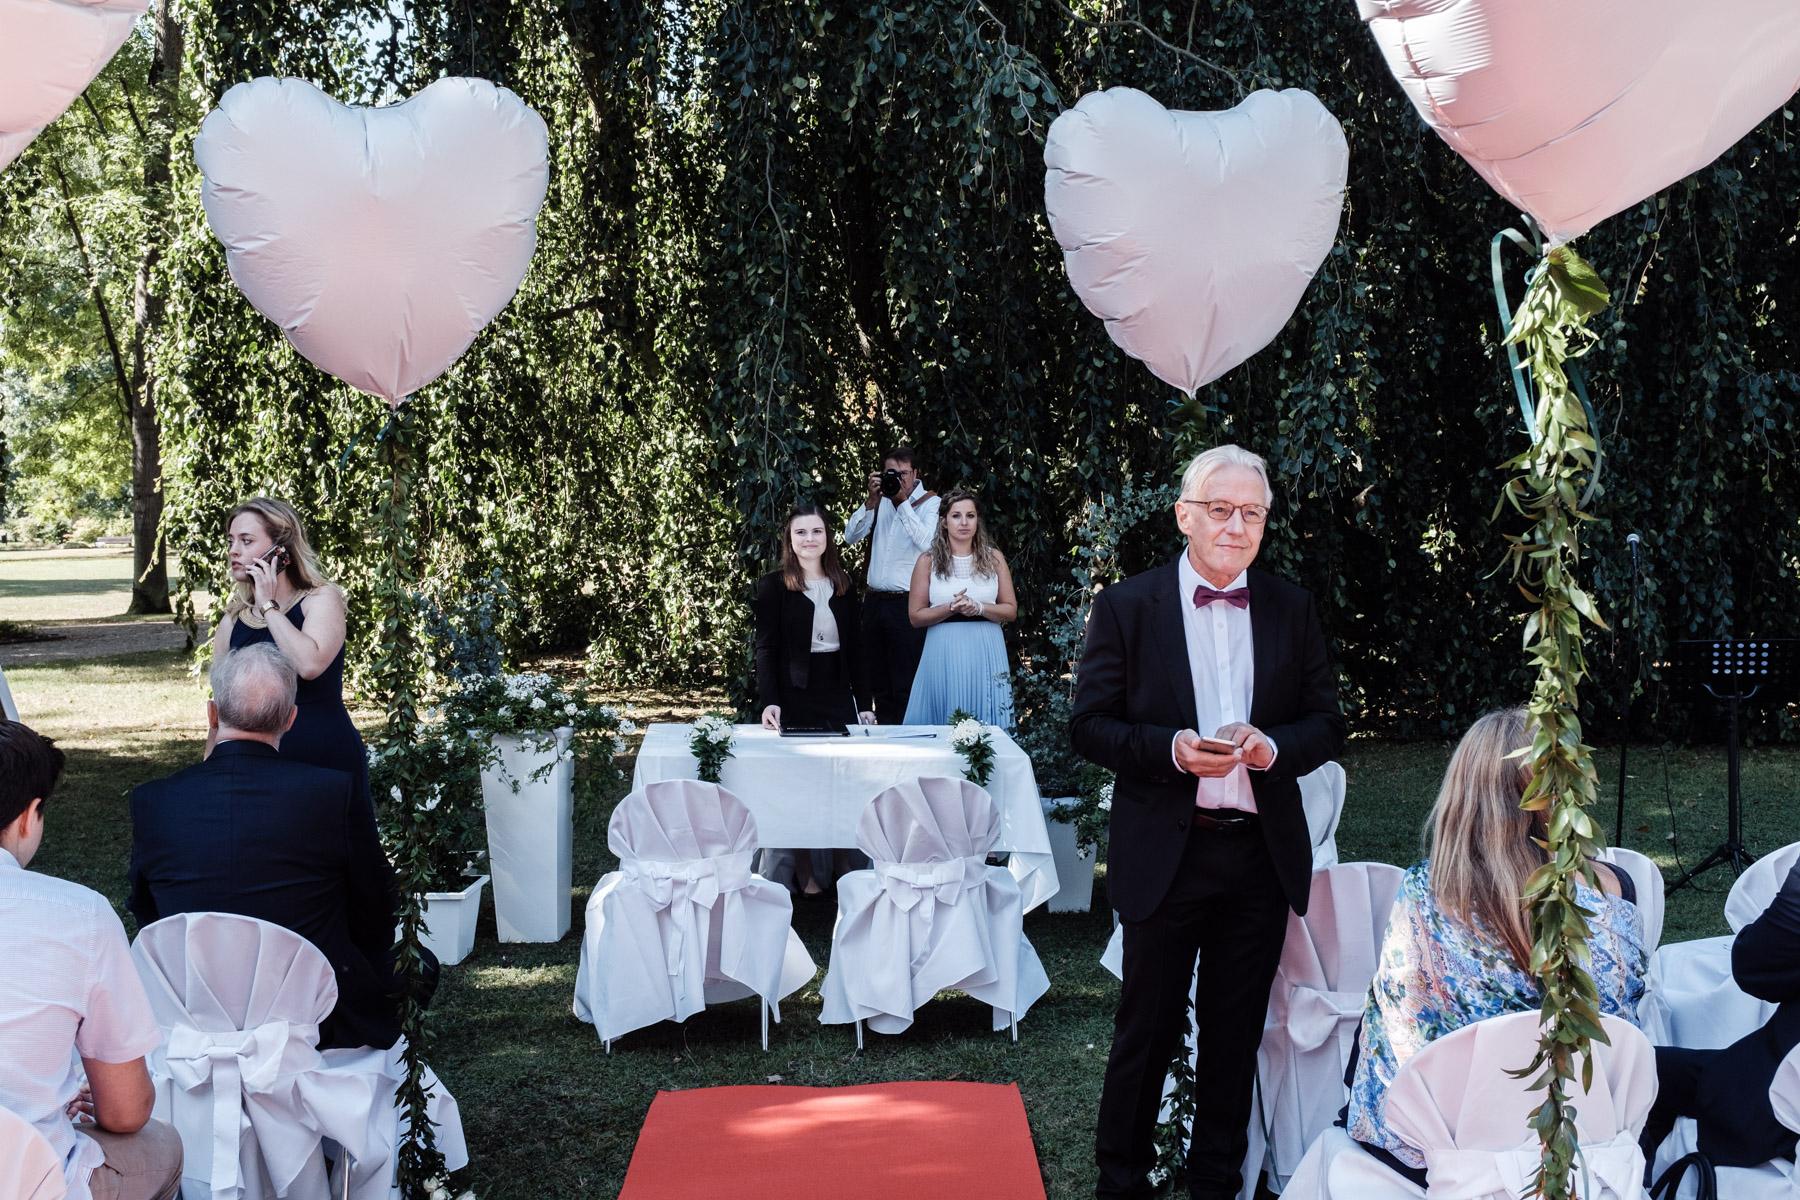 MartinLiebl_Kein_Hochzeitsfotograf_Blog_CWF_Bad_Neustadt_26.jpg